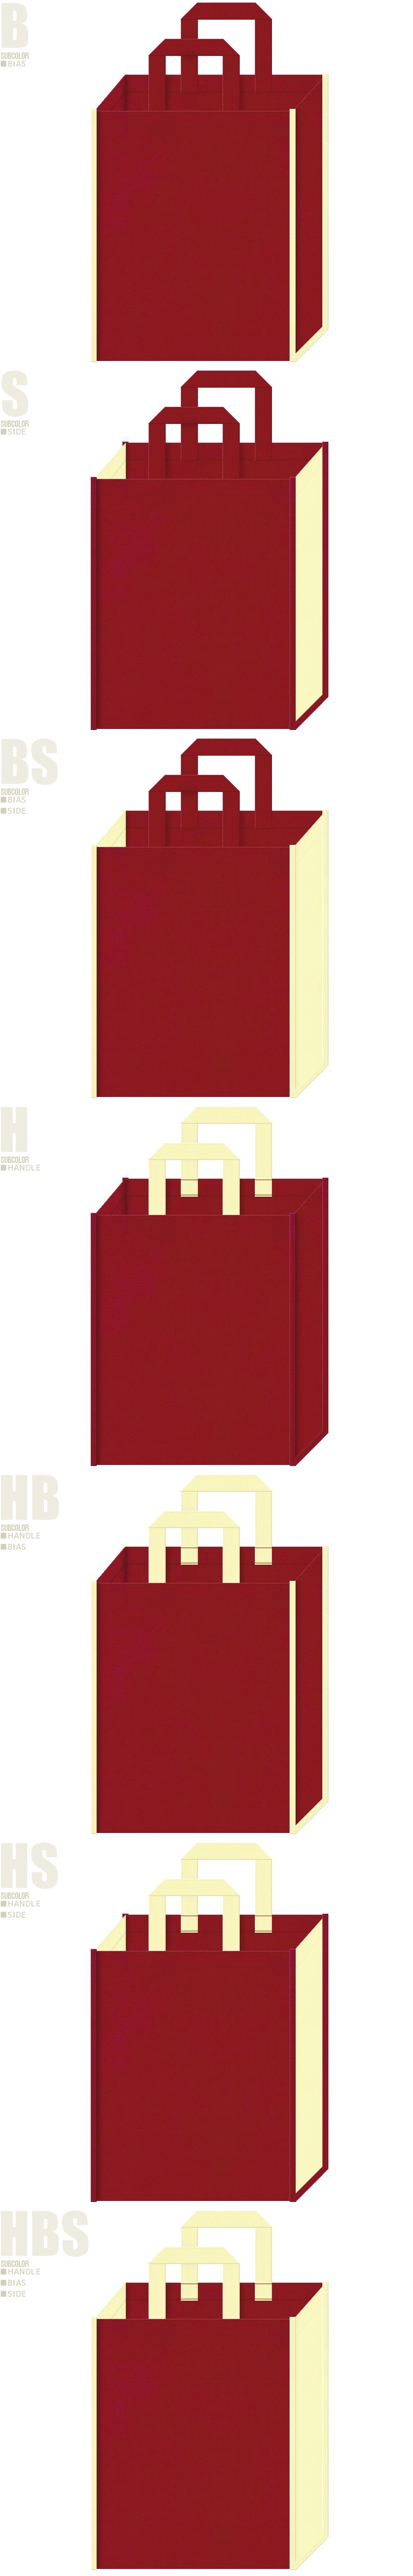 絵本・むかし話・お月見・ひな祭り・和風催事の記念品にお奨めの不織布バッグデザイン:エンジ色と薄黄色の配色7パターン